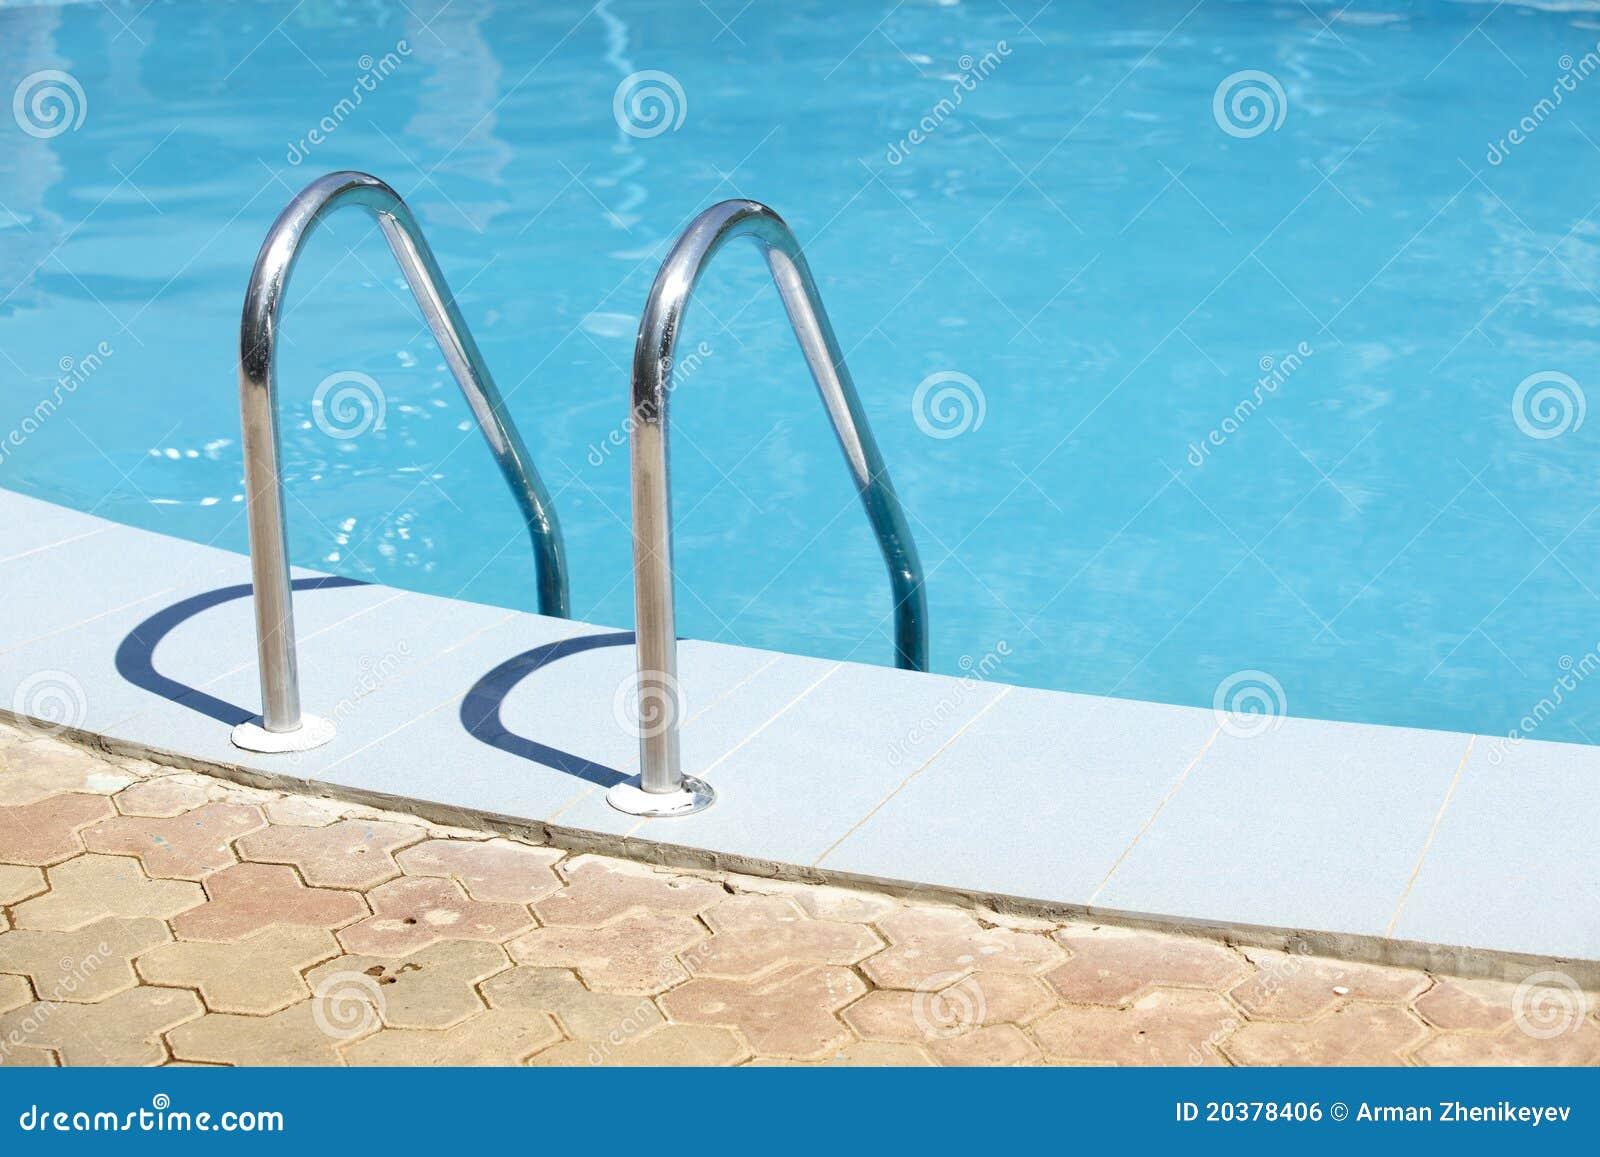 Leuning van het openbare zwembad